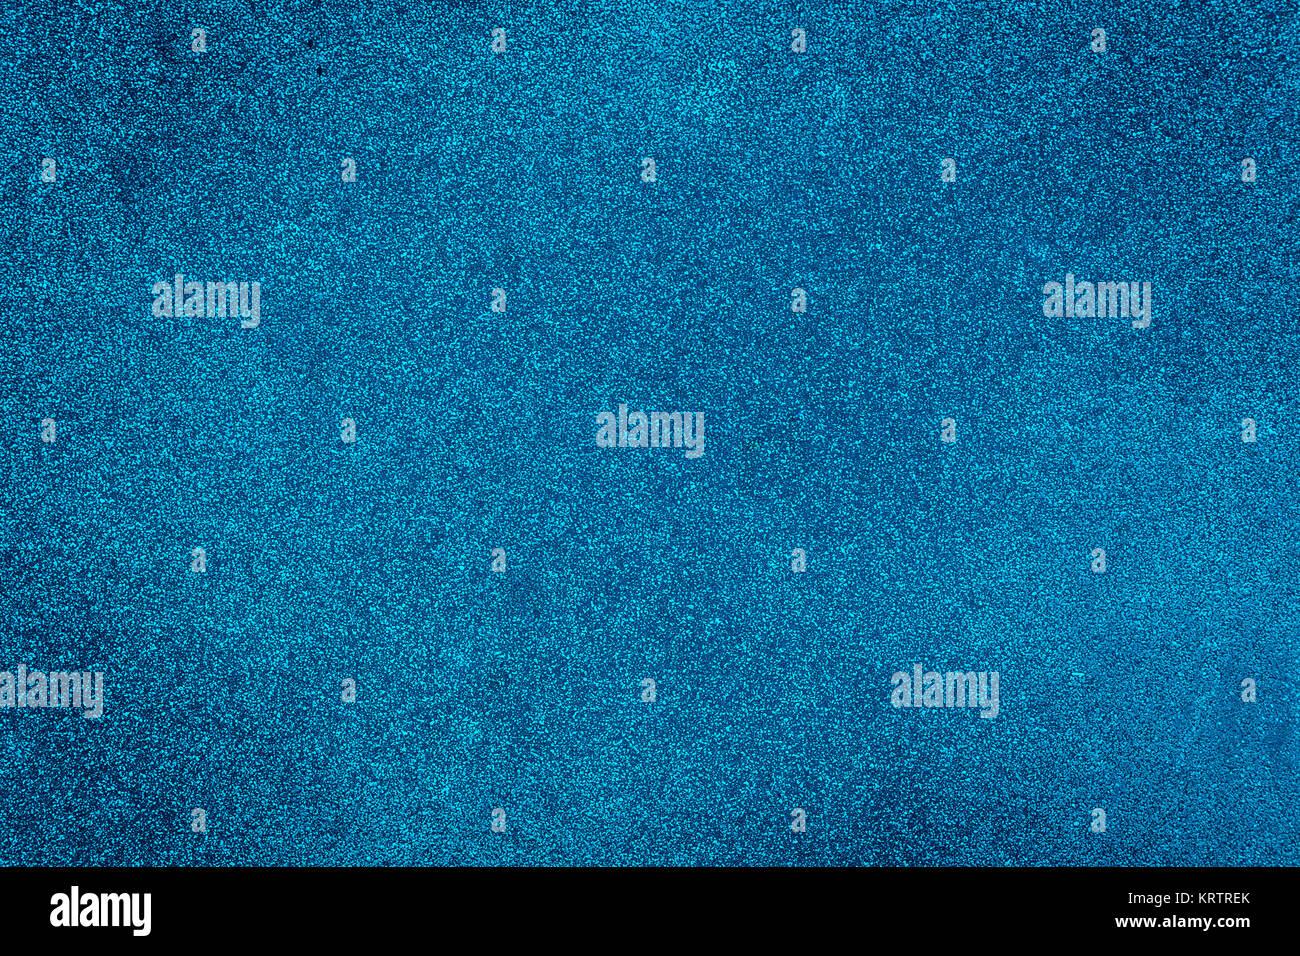 Blue Background Vignette Spotlight Imágenes De Stock & Blue ...